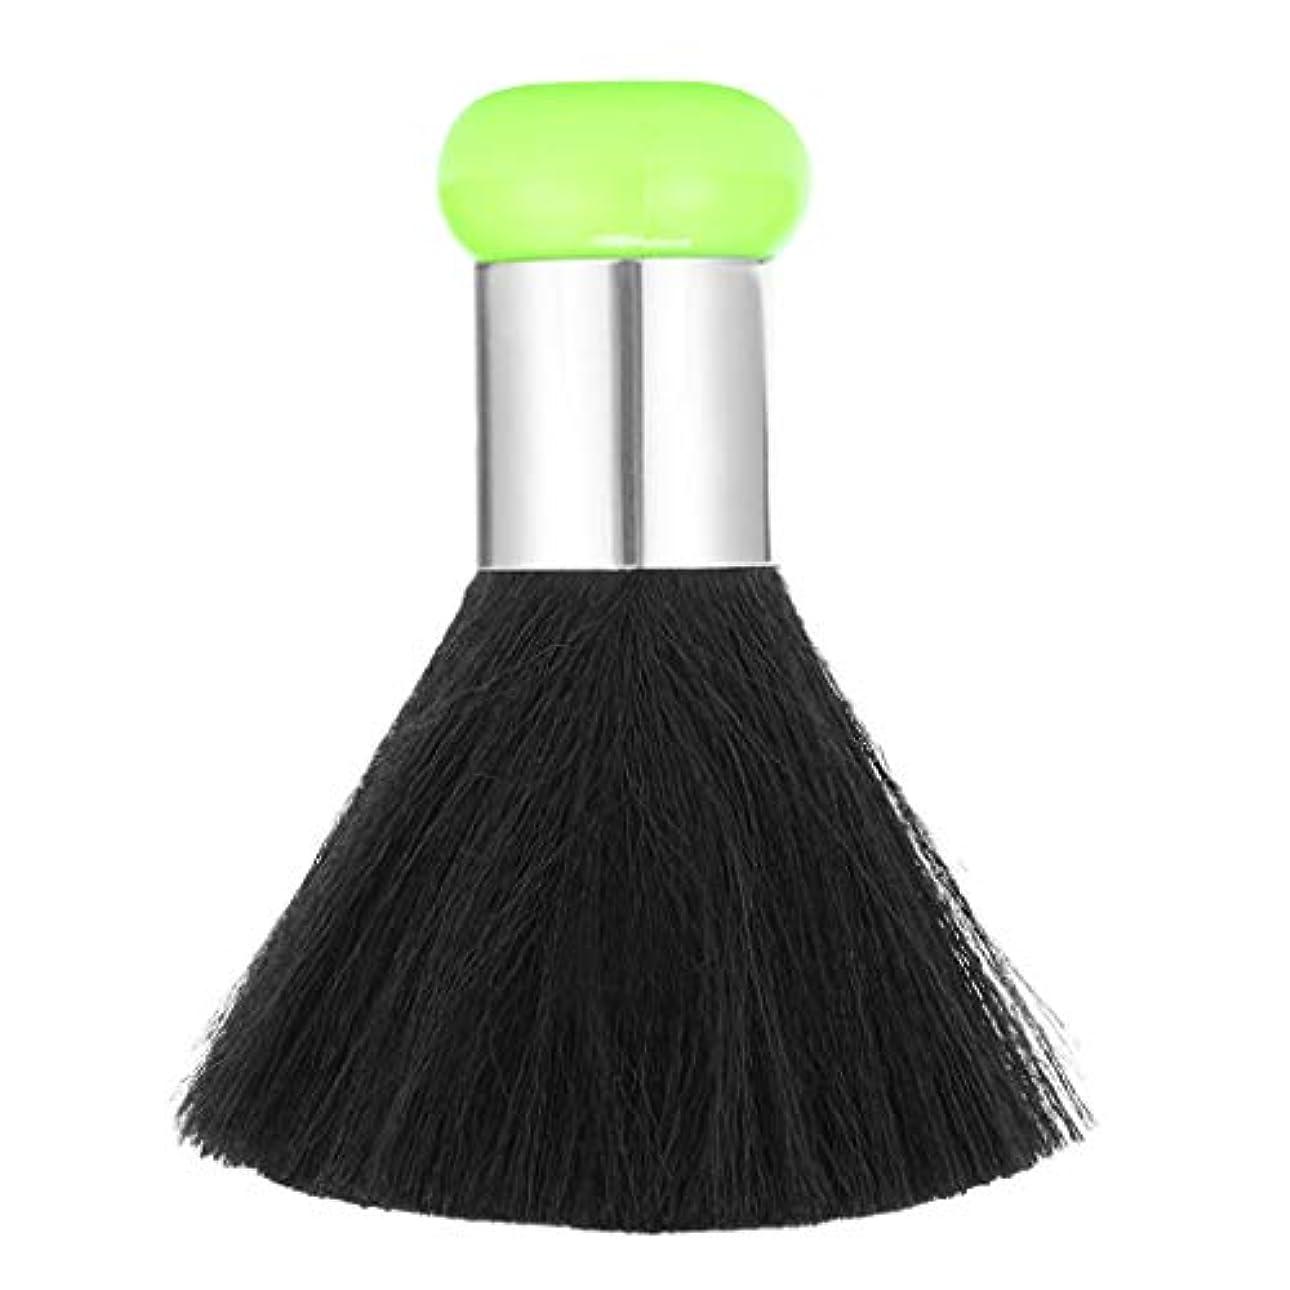 原因本を読むワンダーP Prettyia ネックダスターブラシ ヘアカット 快適 美容師向け サロン 2色選べ - 緑